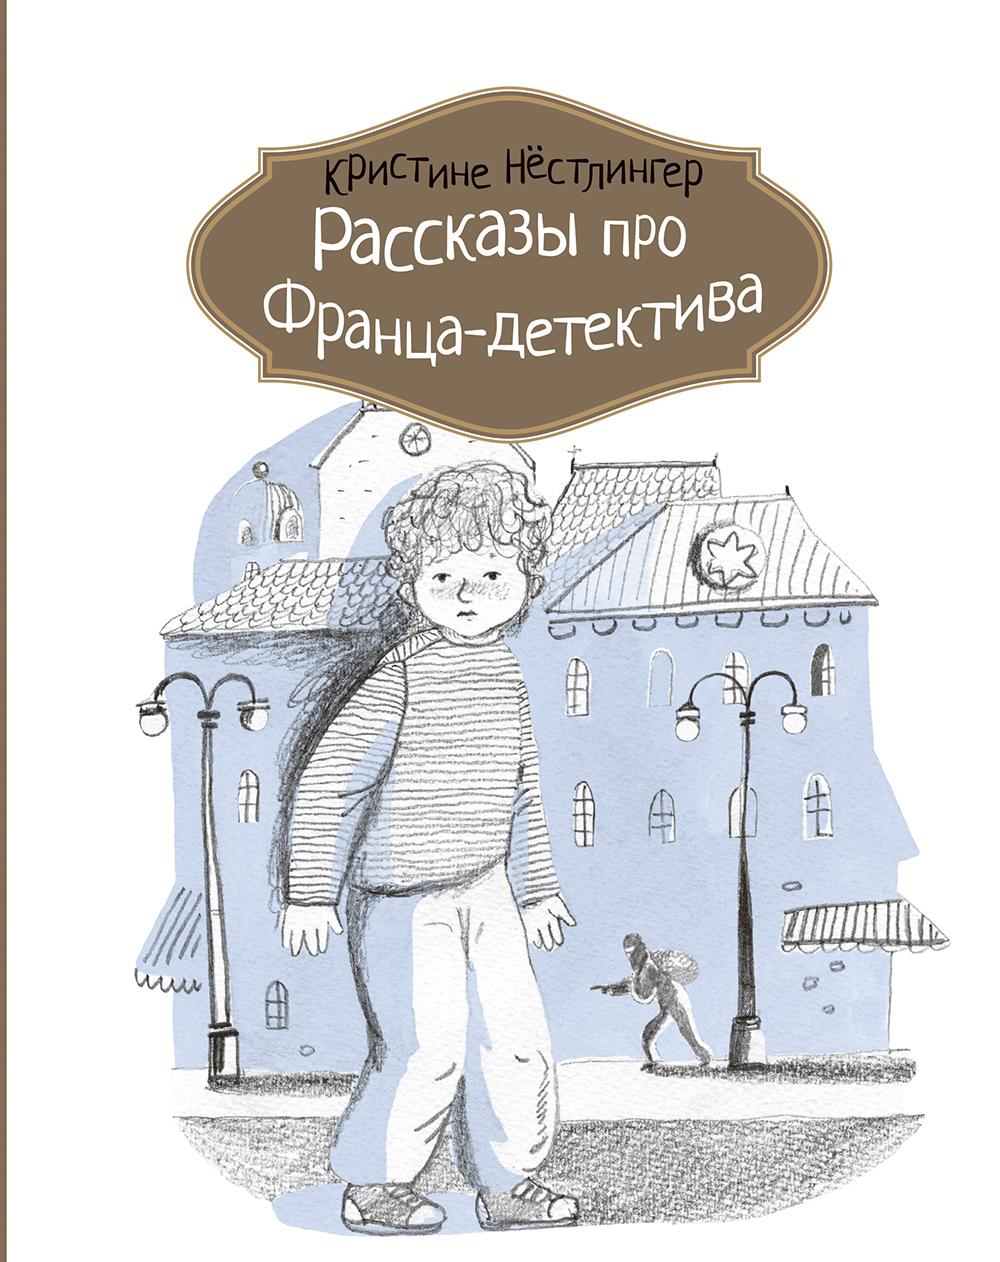 Кристине Нёстлингер Рассказы про Франца-детектива кристине нёстлингер рассказы про франца